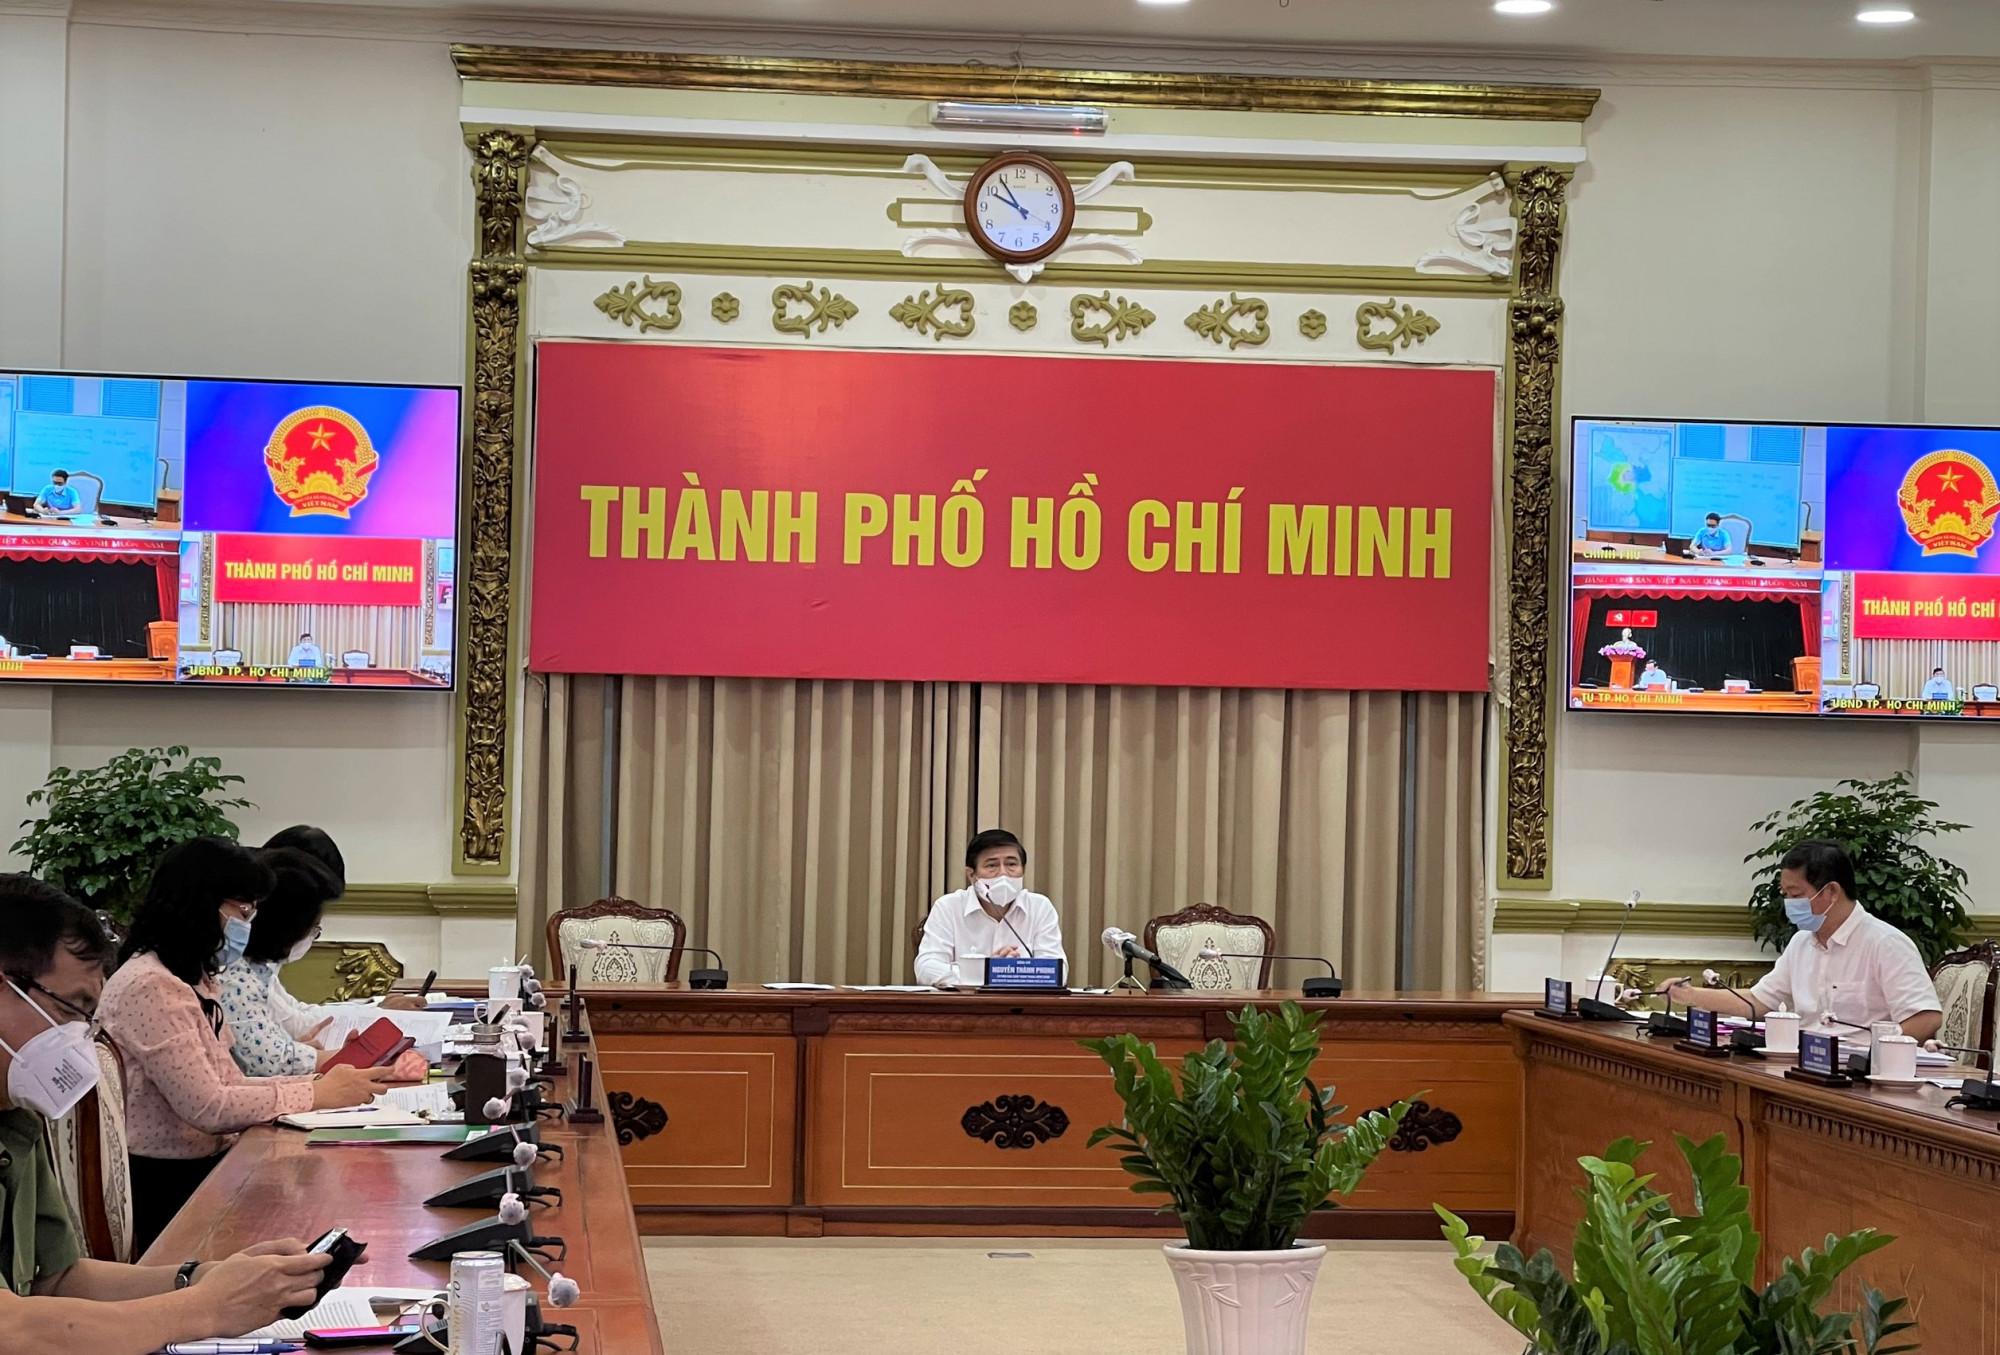 Hình ảnh cuộc họp tại điểm cầu UBND TPHCM